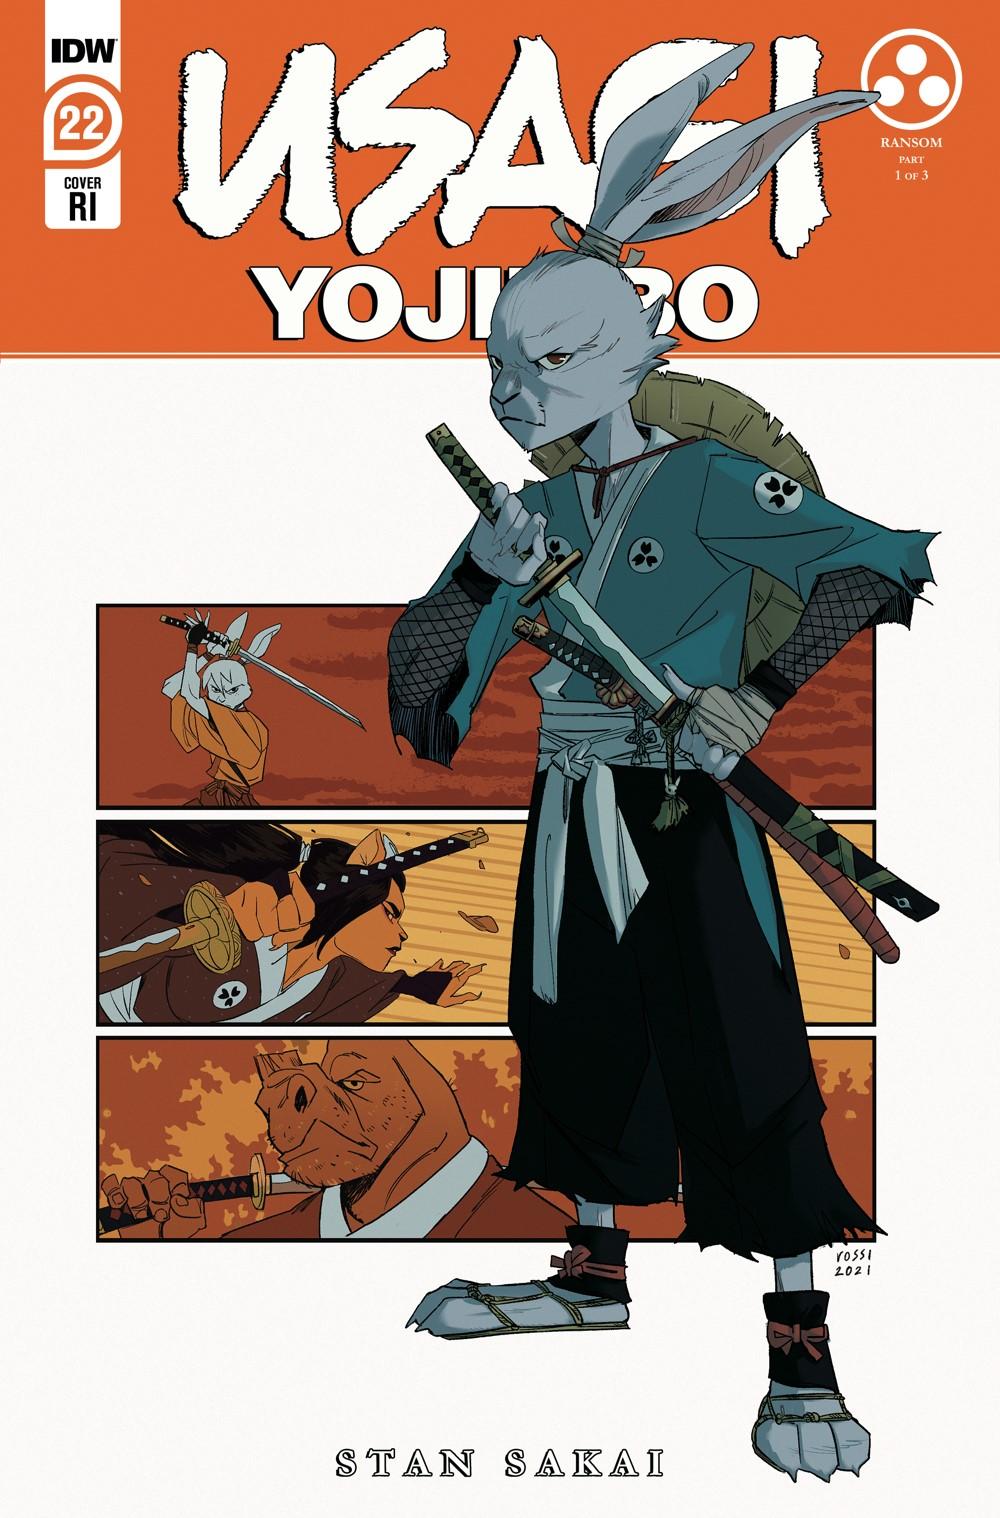 Usagi22_cvrRI ComicList: IDW Publishing New Releases for 09/15/2021